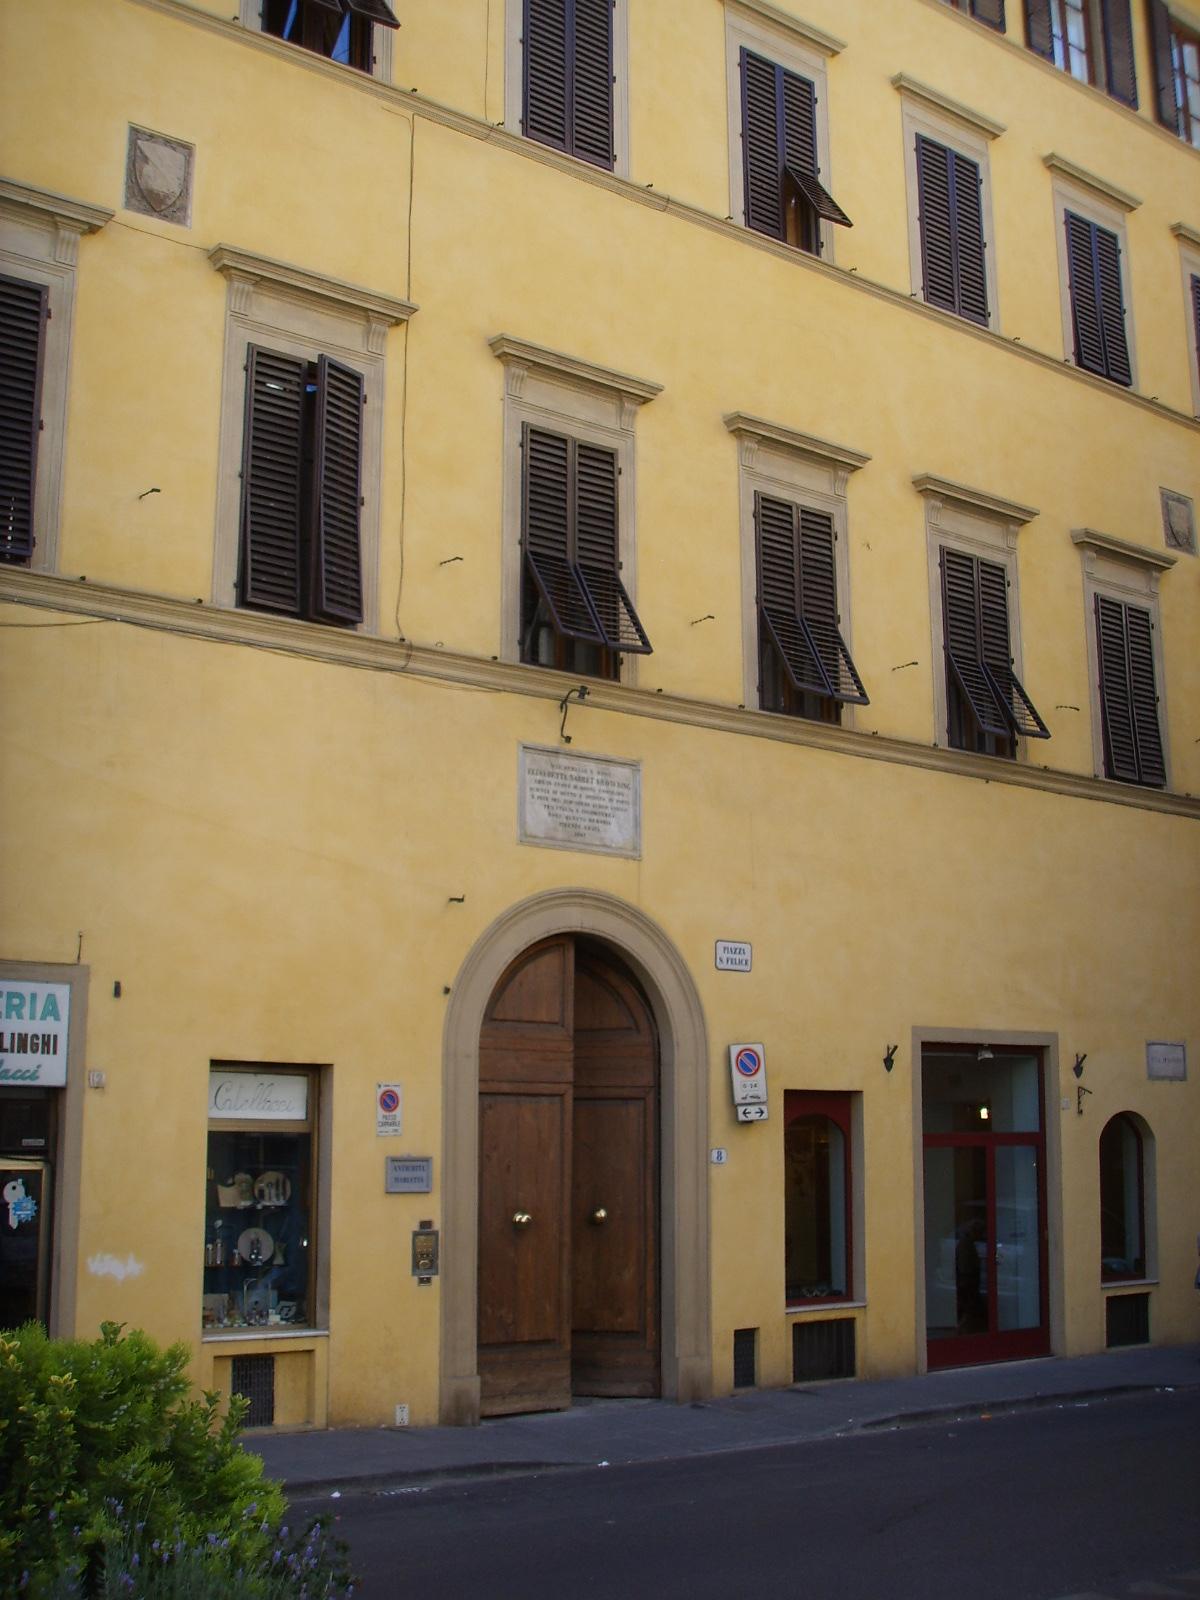 Casa Guidi Wikipedia